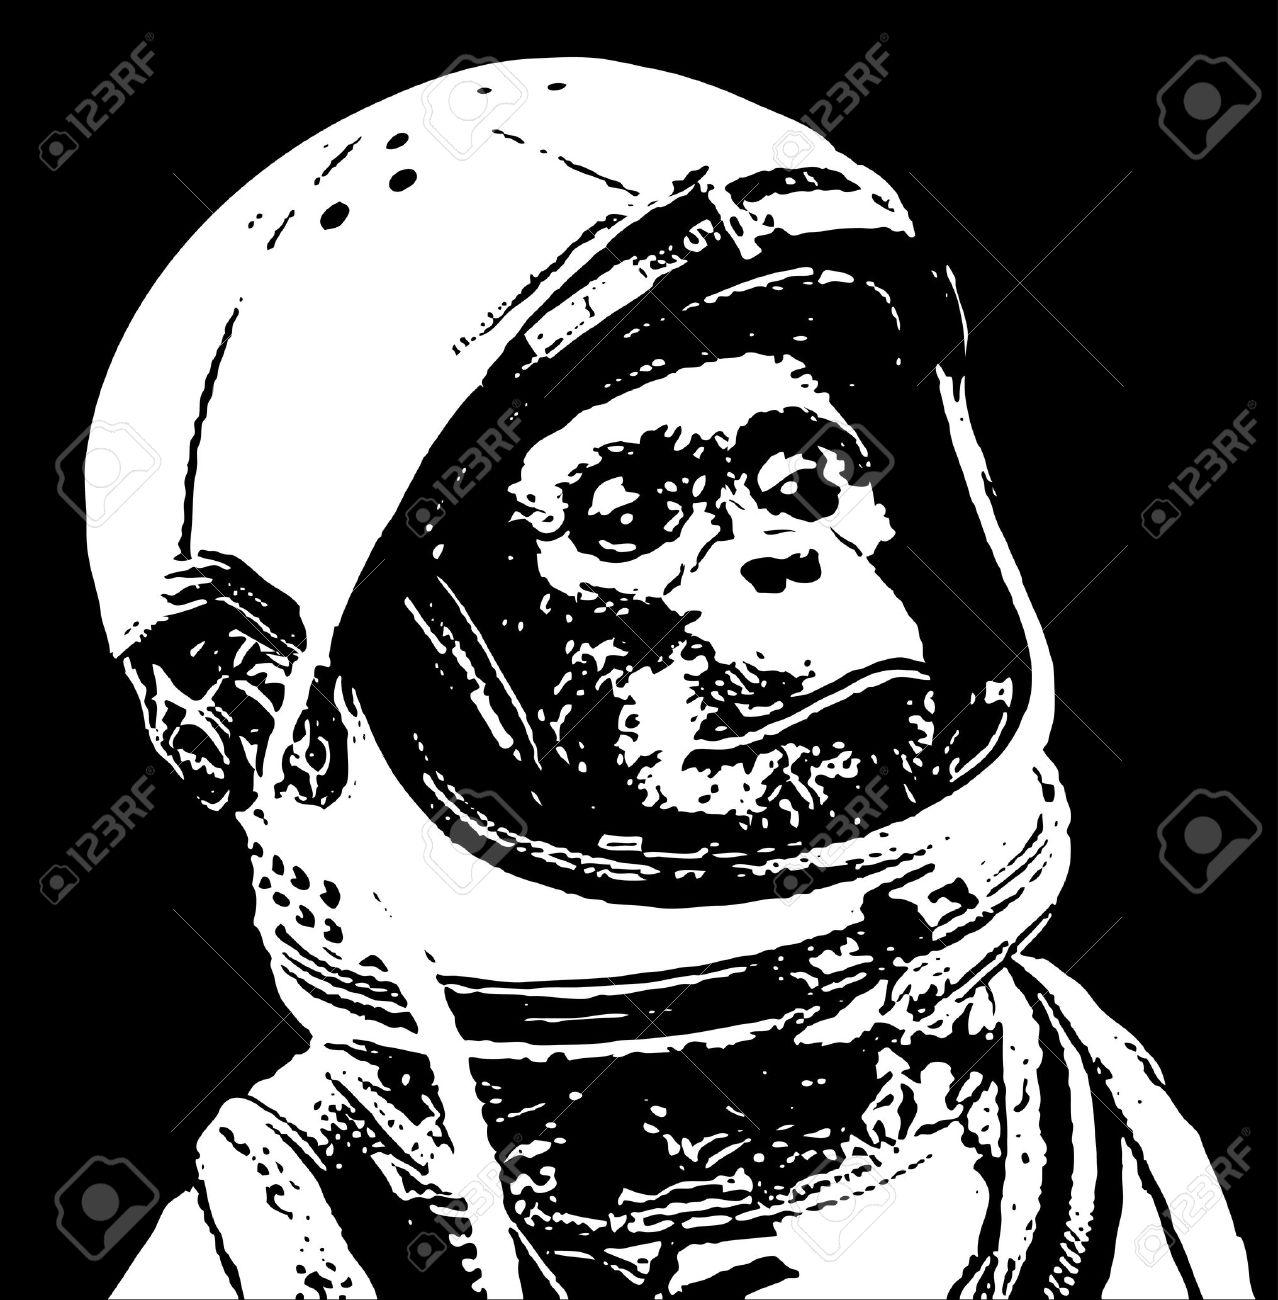 chimp in space stencil art - 10318455